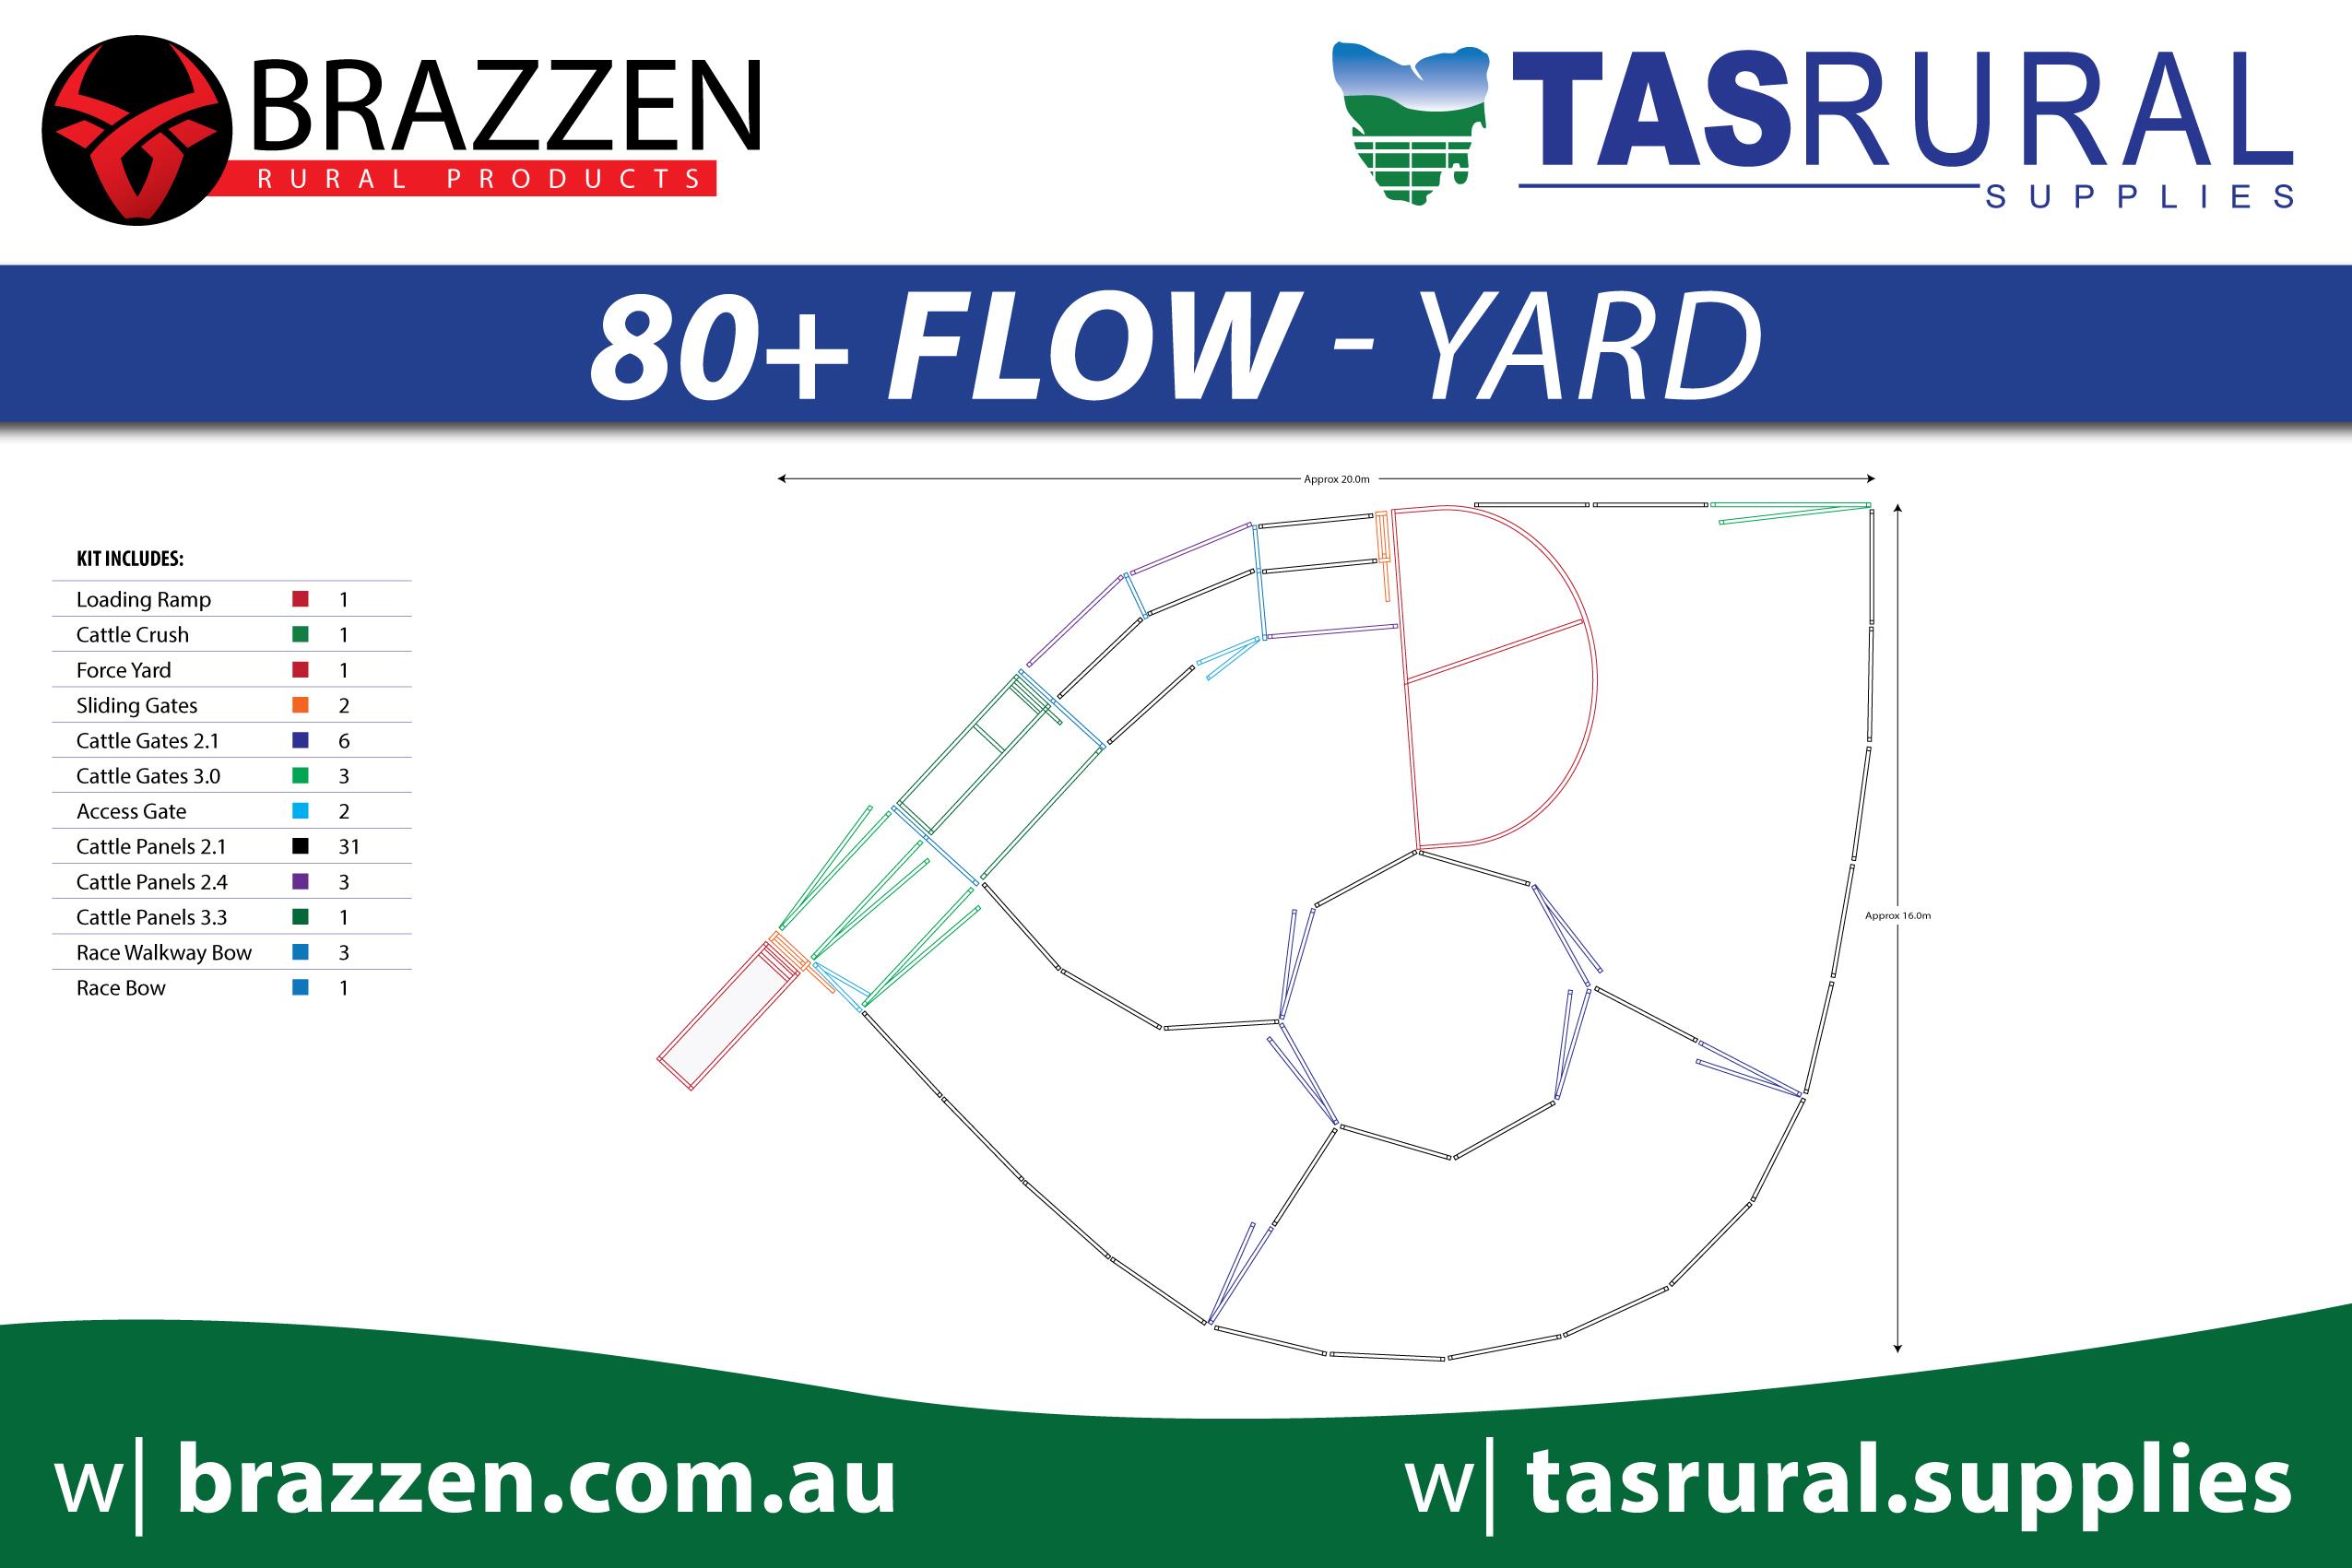 80+ flow yard